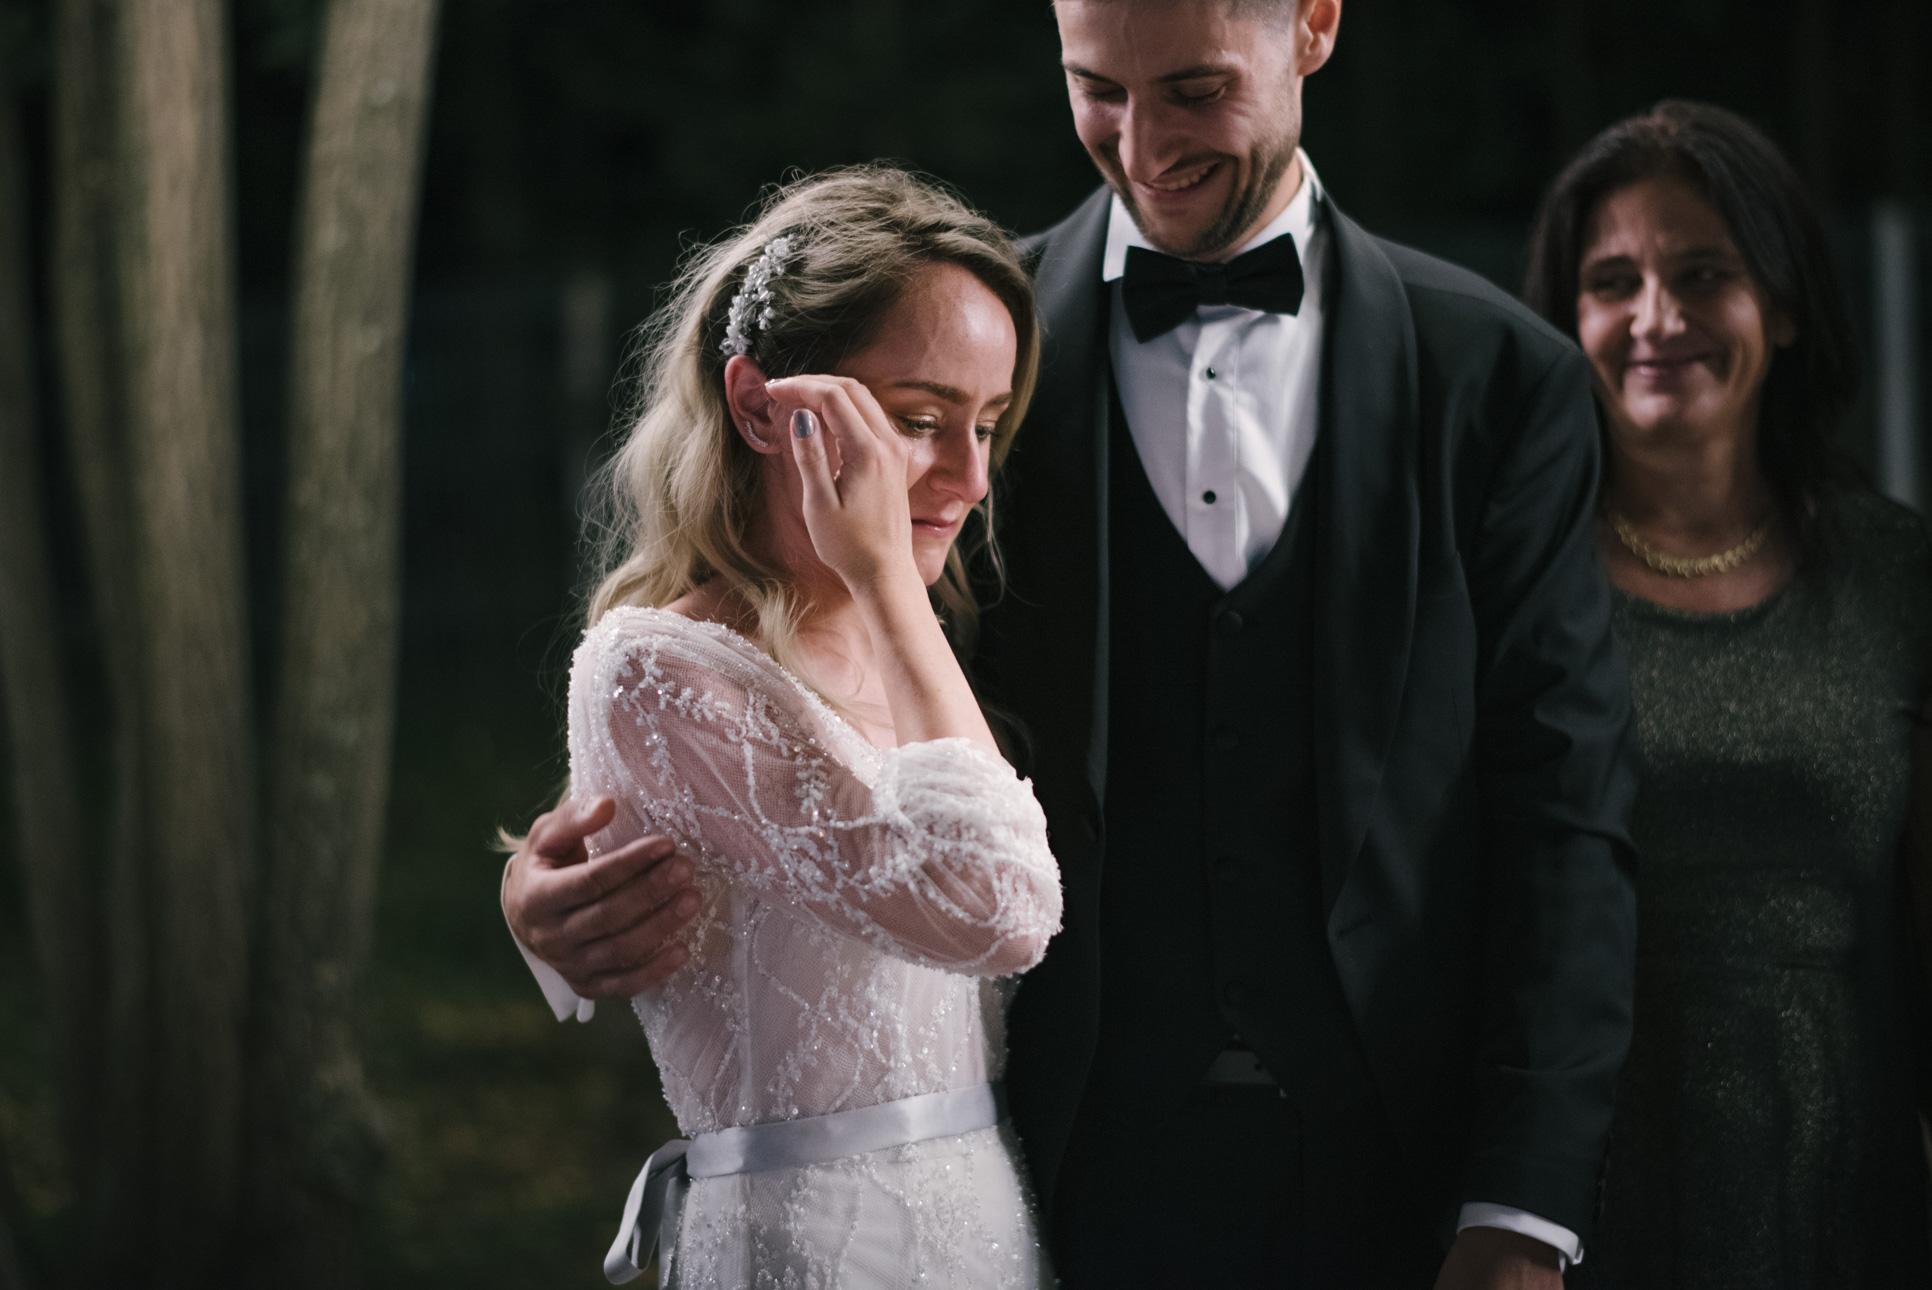 Bride into tears